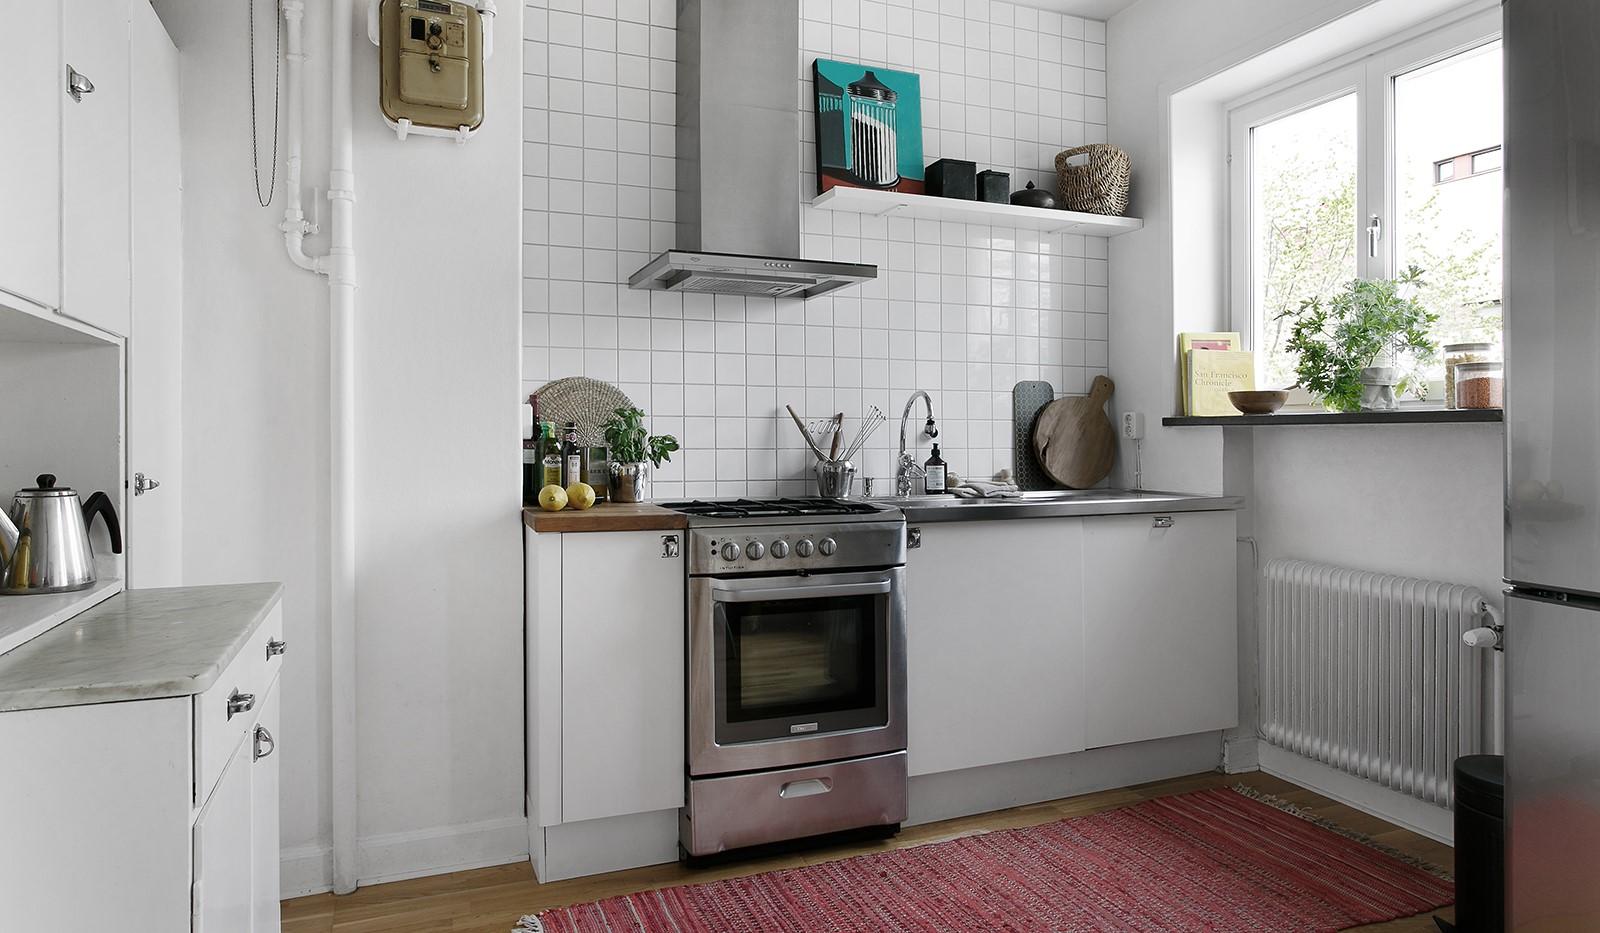 Maria Prästgårdsgata 39, 1tr - Köket är fint bevarat med charmiga beslag